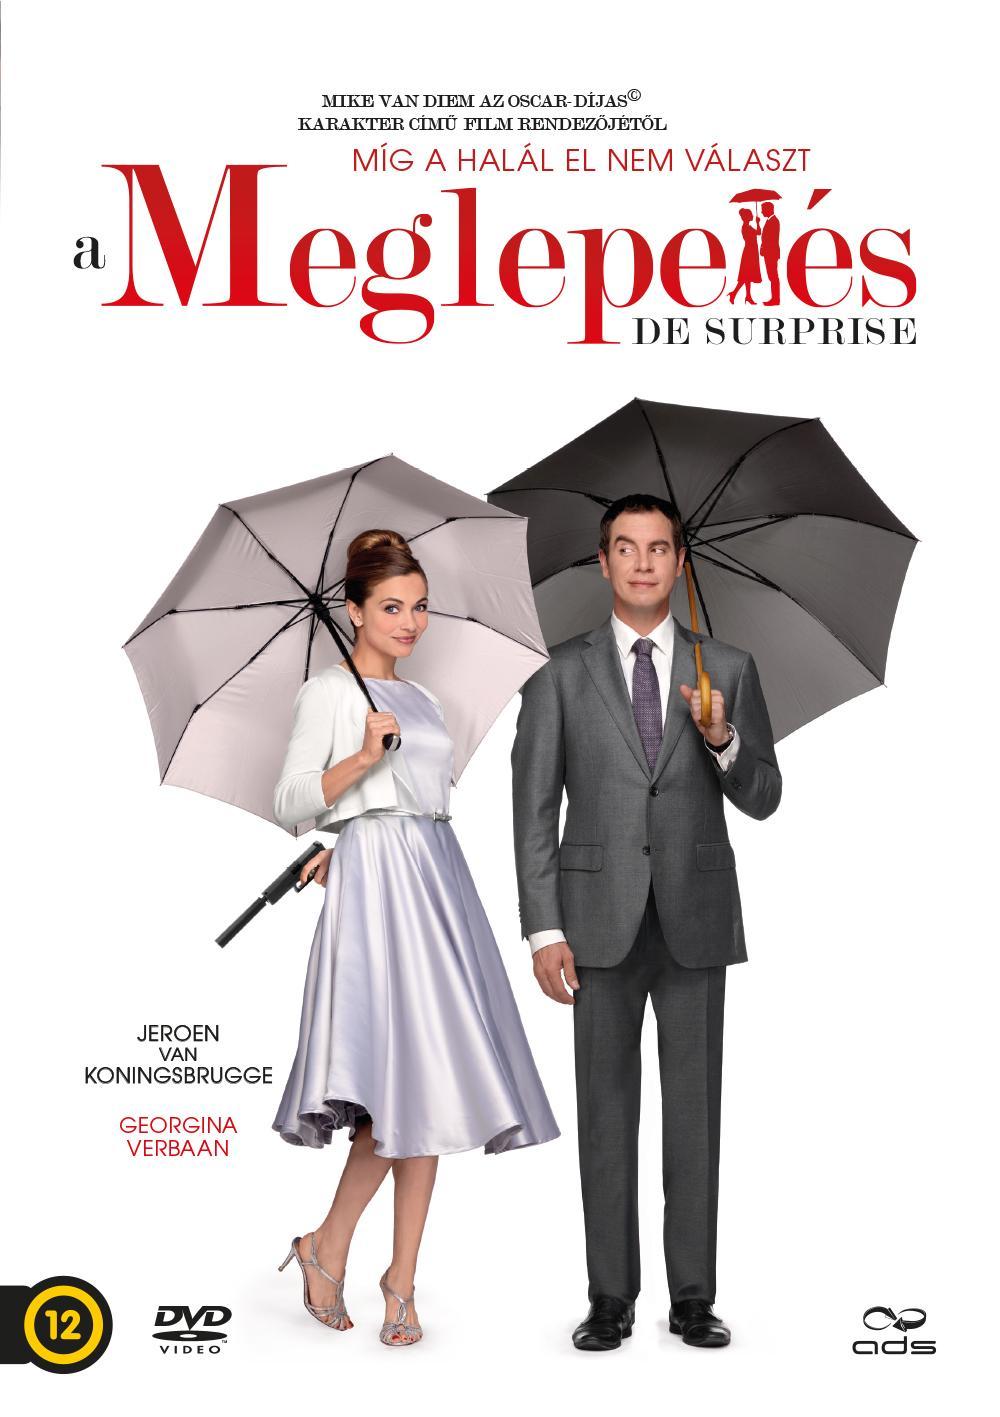 - A MEGLEPETÉS - DVD -